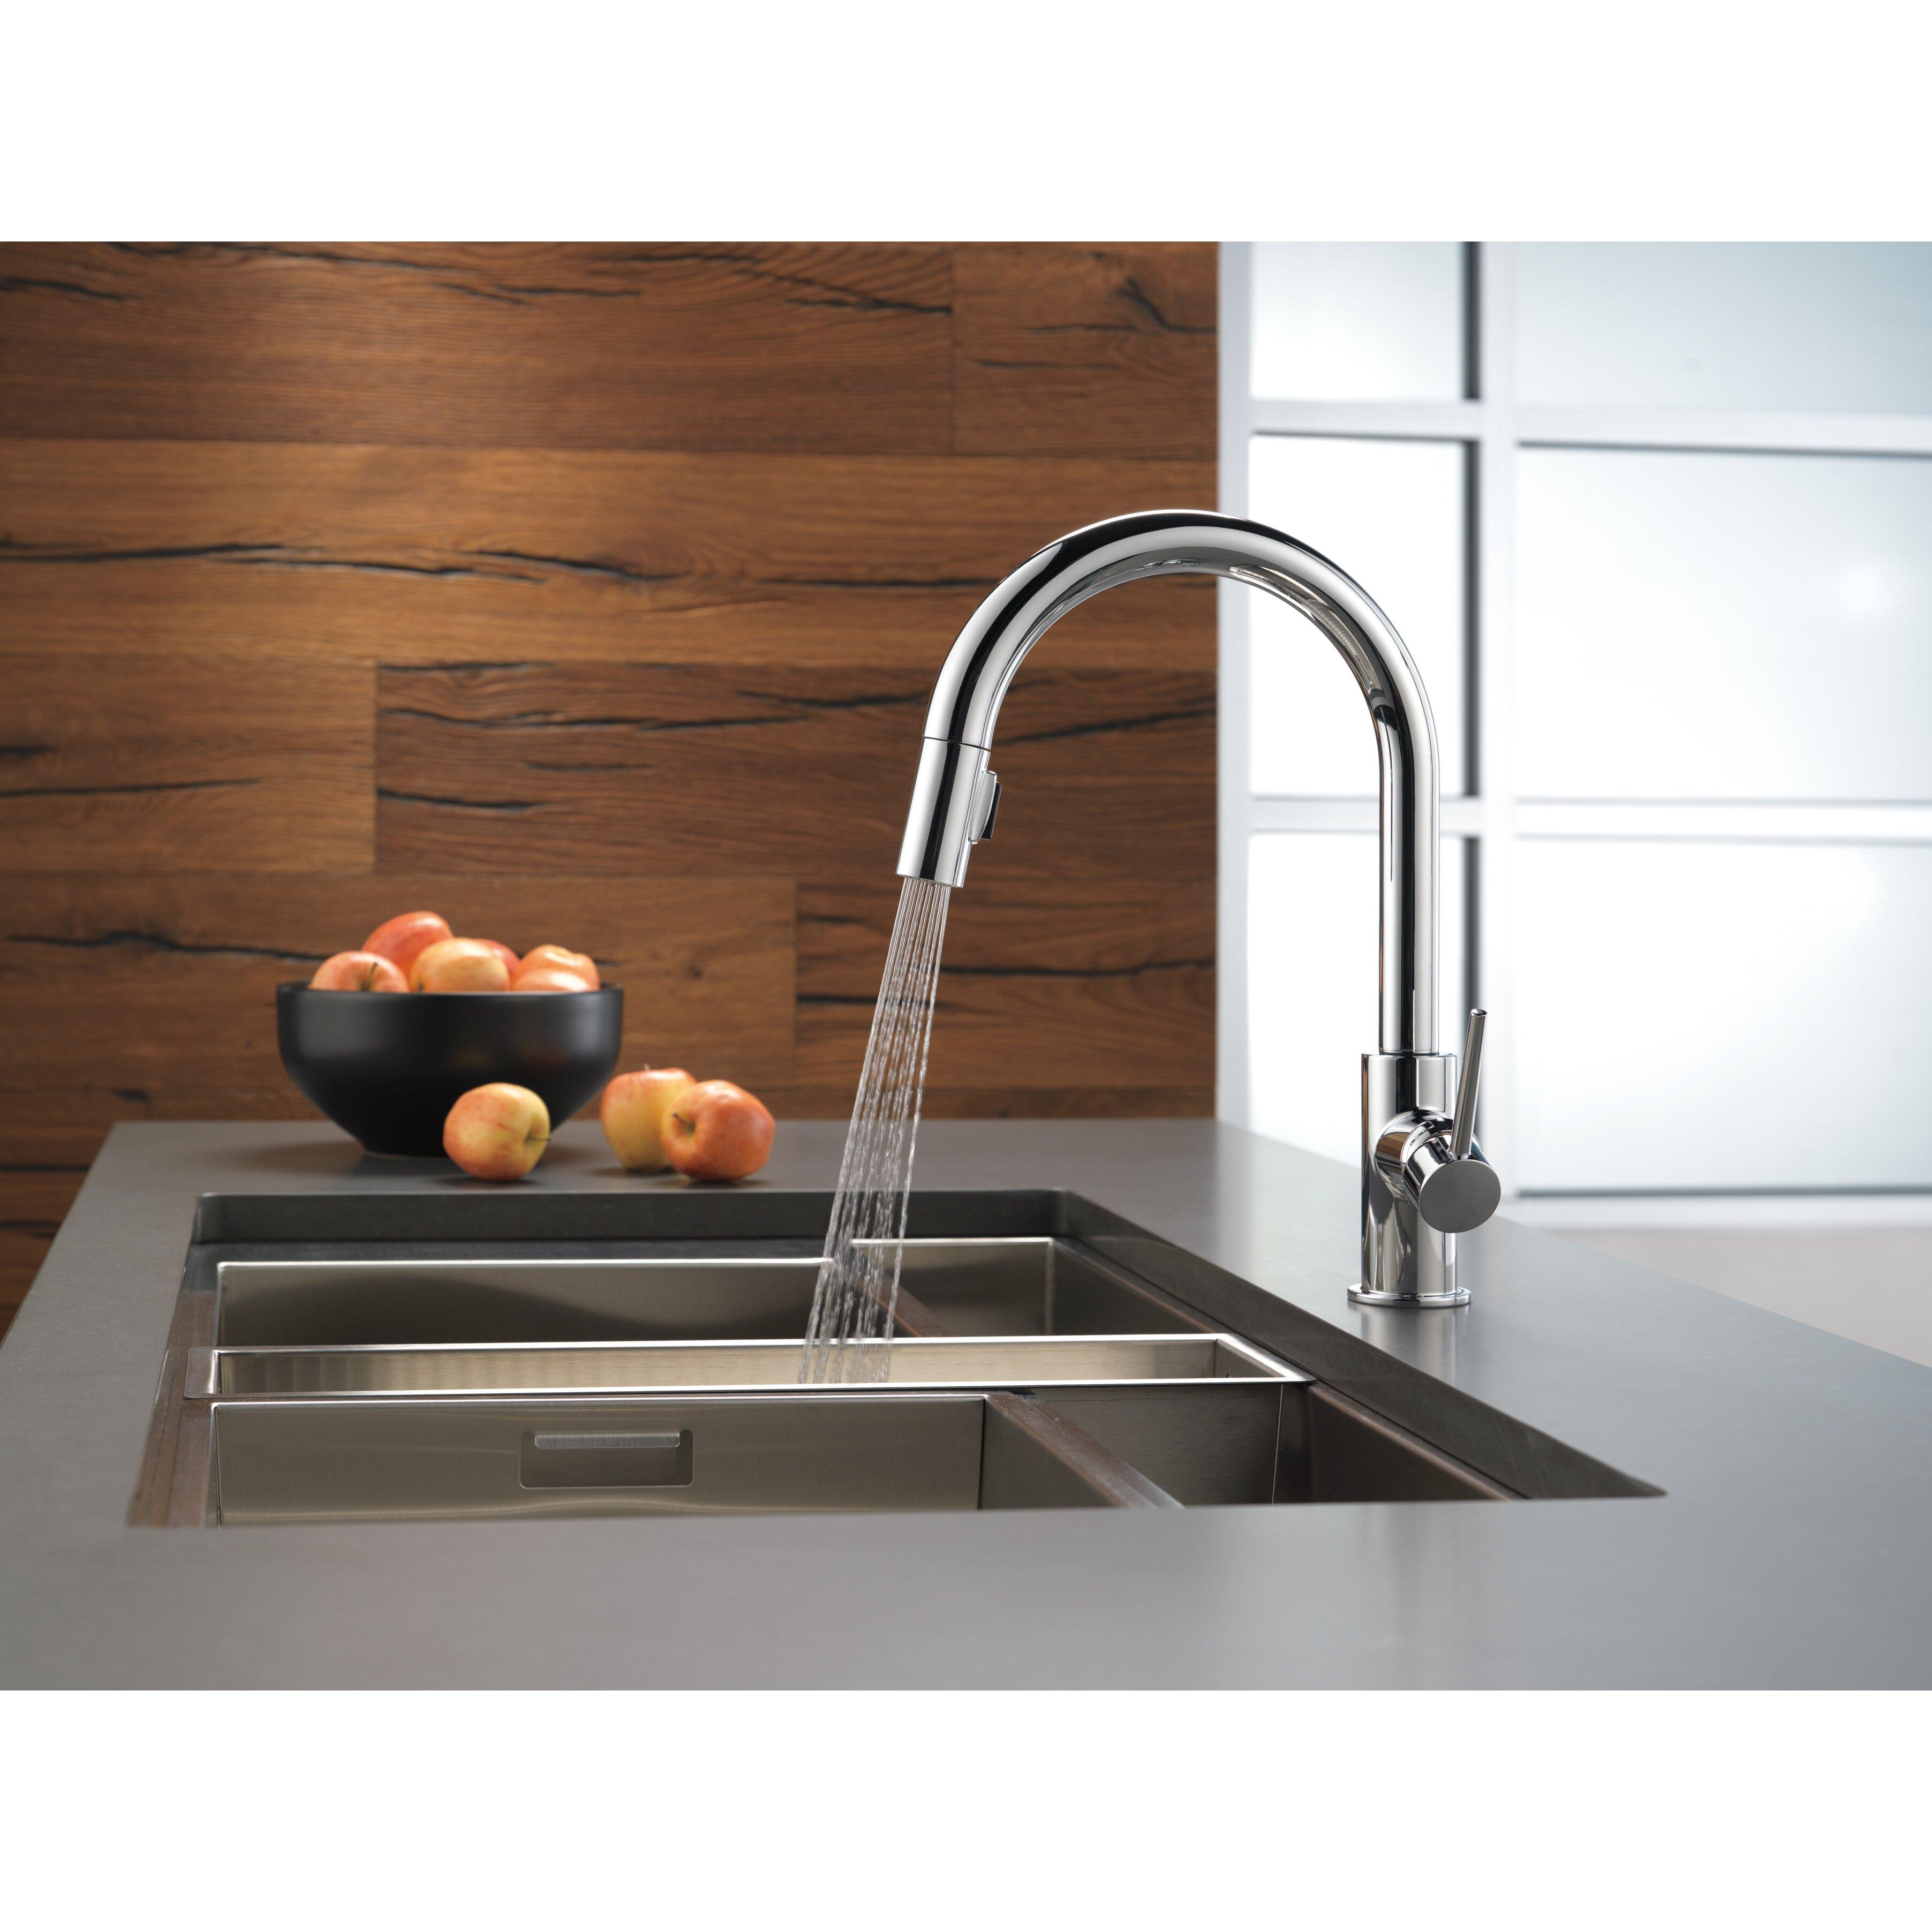 delta leland kitchen faucet kitchen brilliant delta kitchen kitchenbest modern delta kitchen faucets faucet 980t sd dst pilar one handle pull